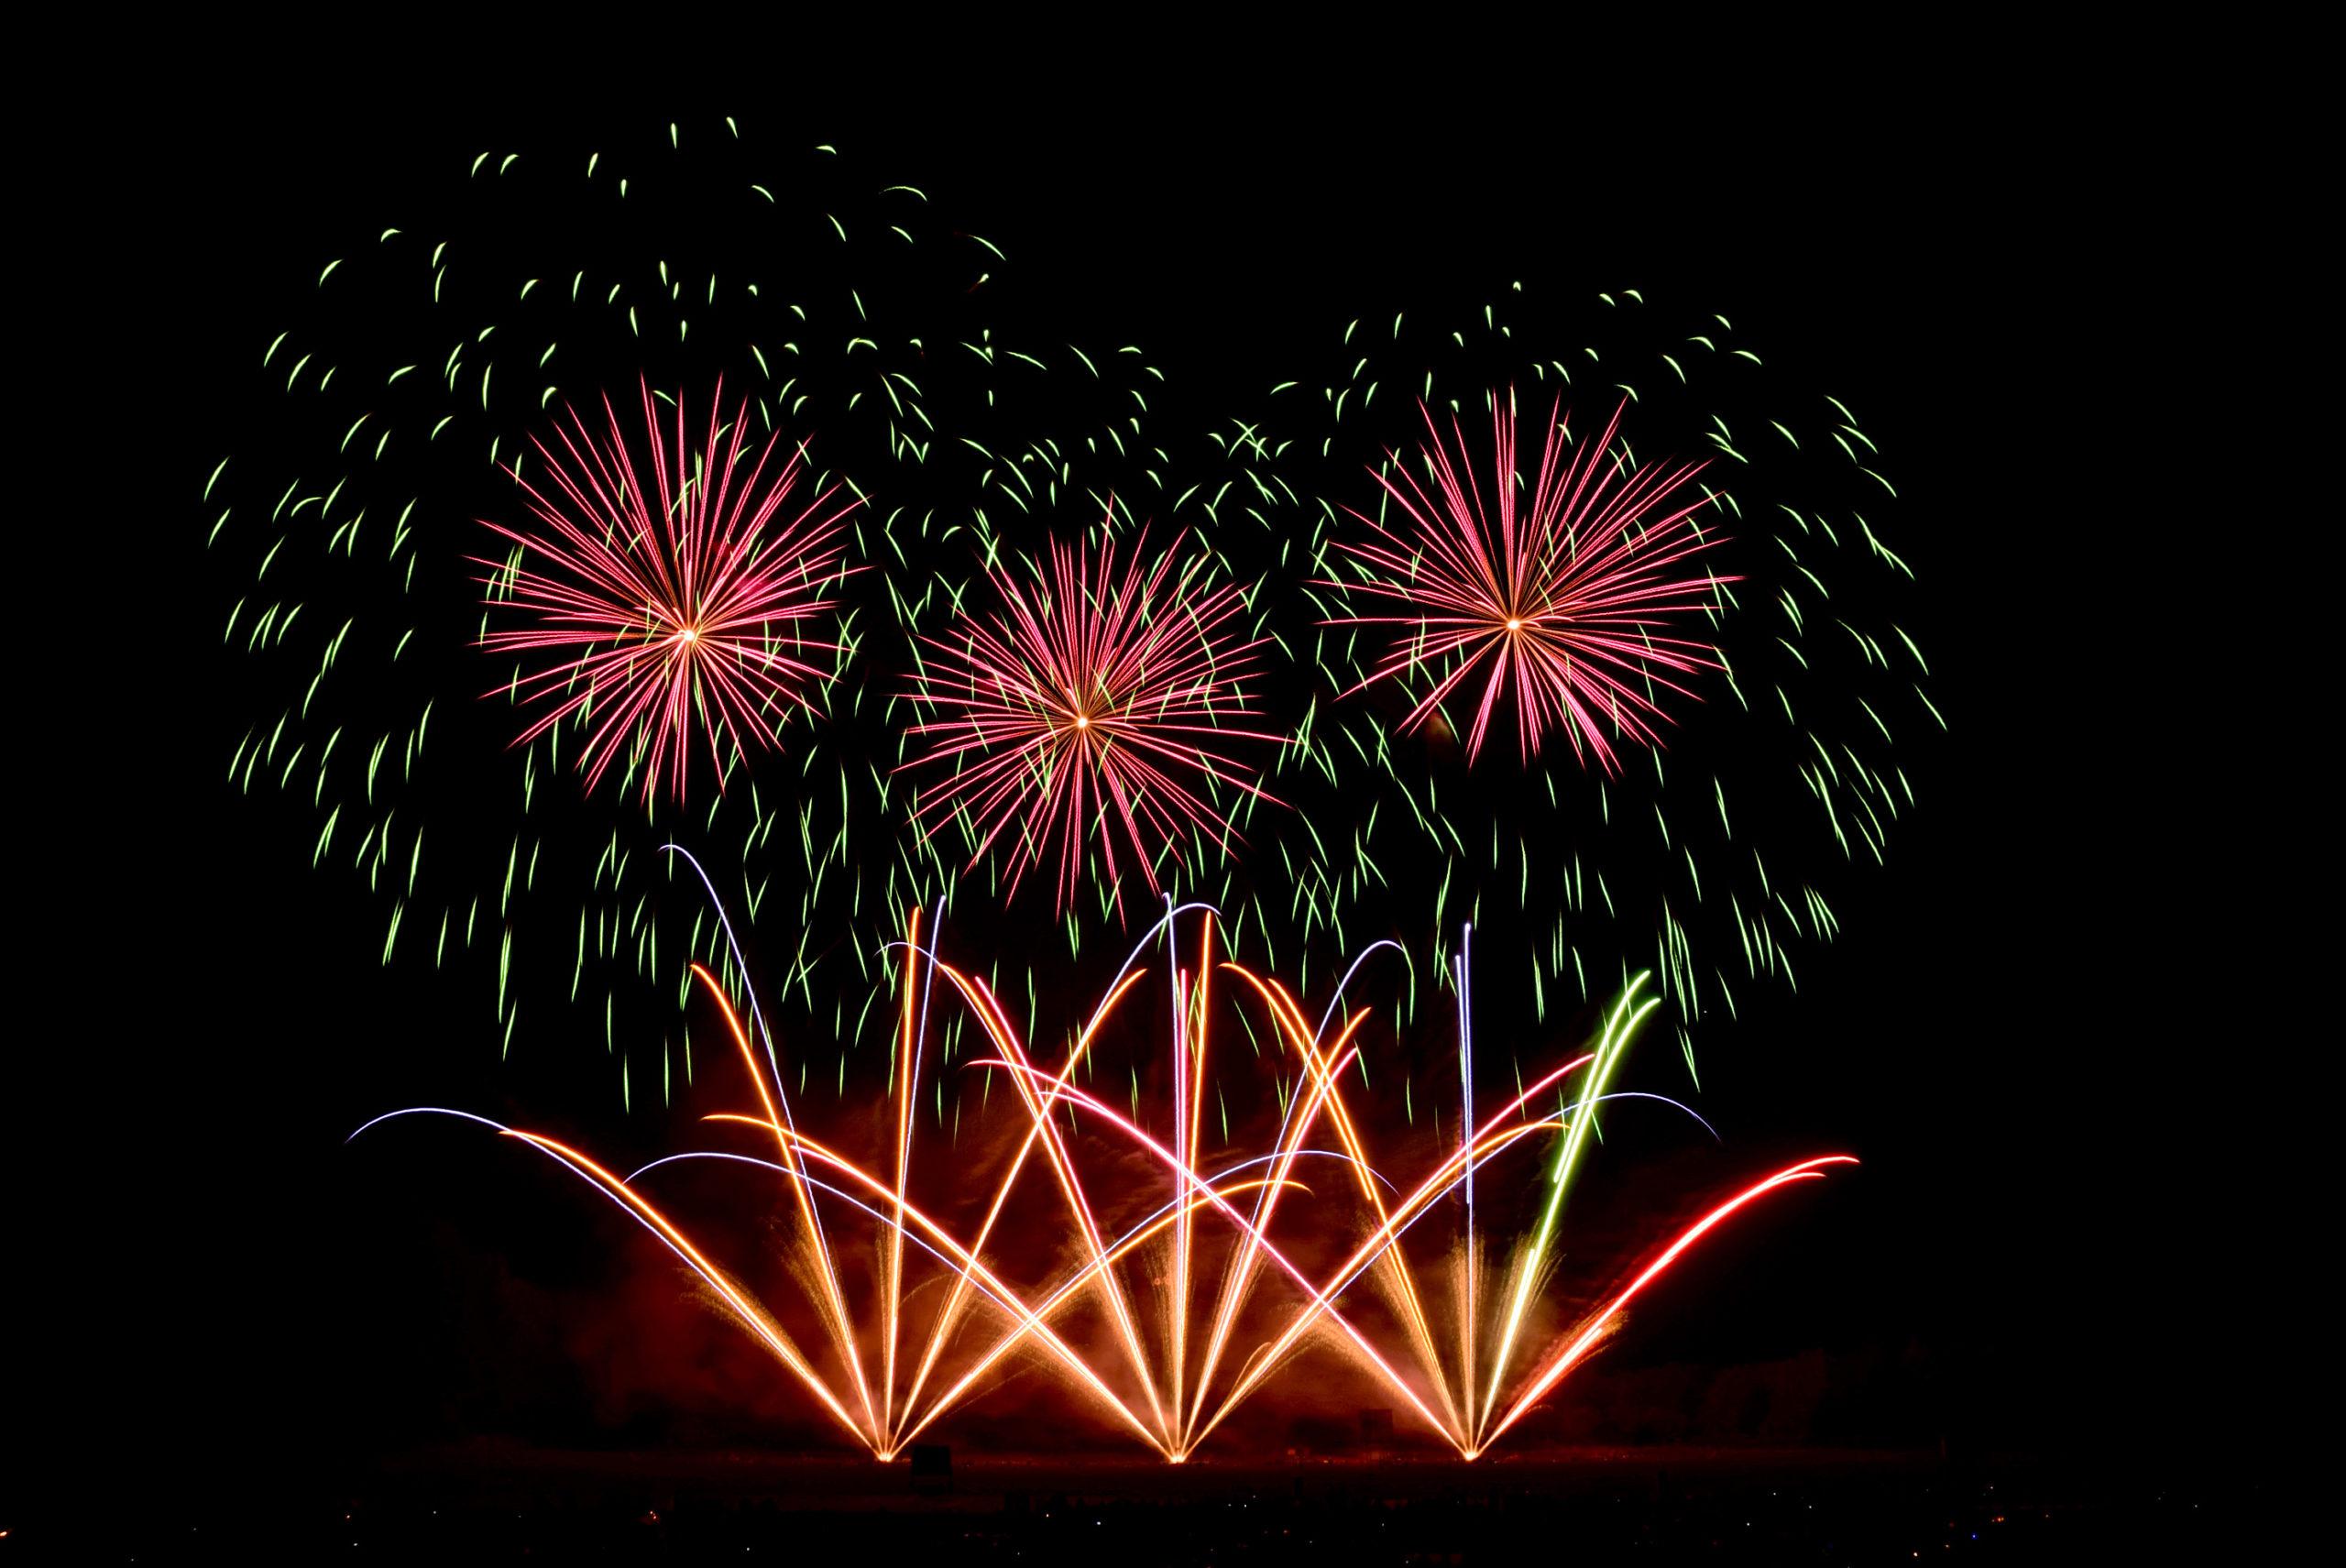 Fireworks for sale | Fireworks sale